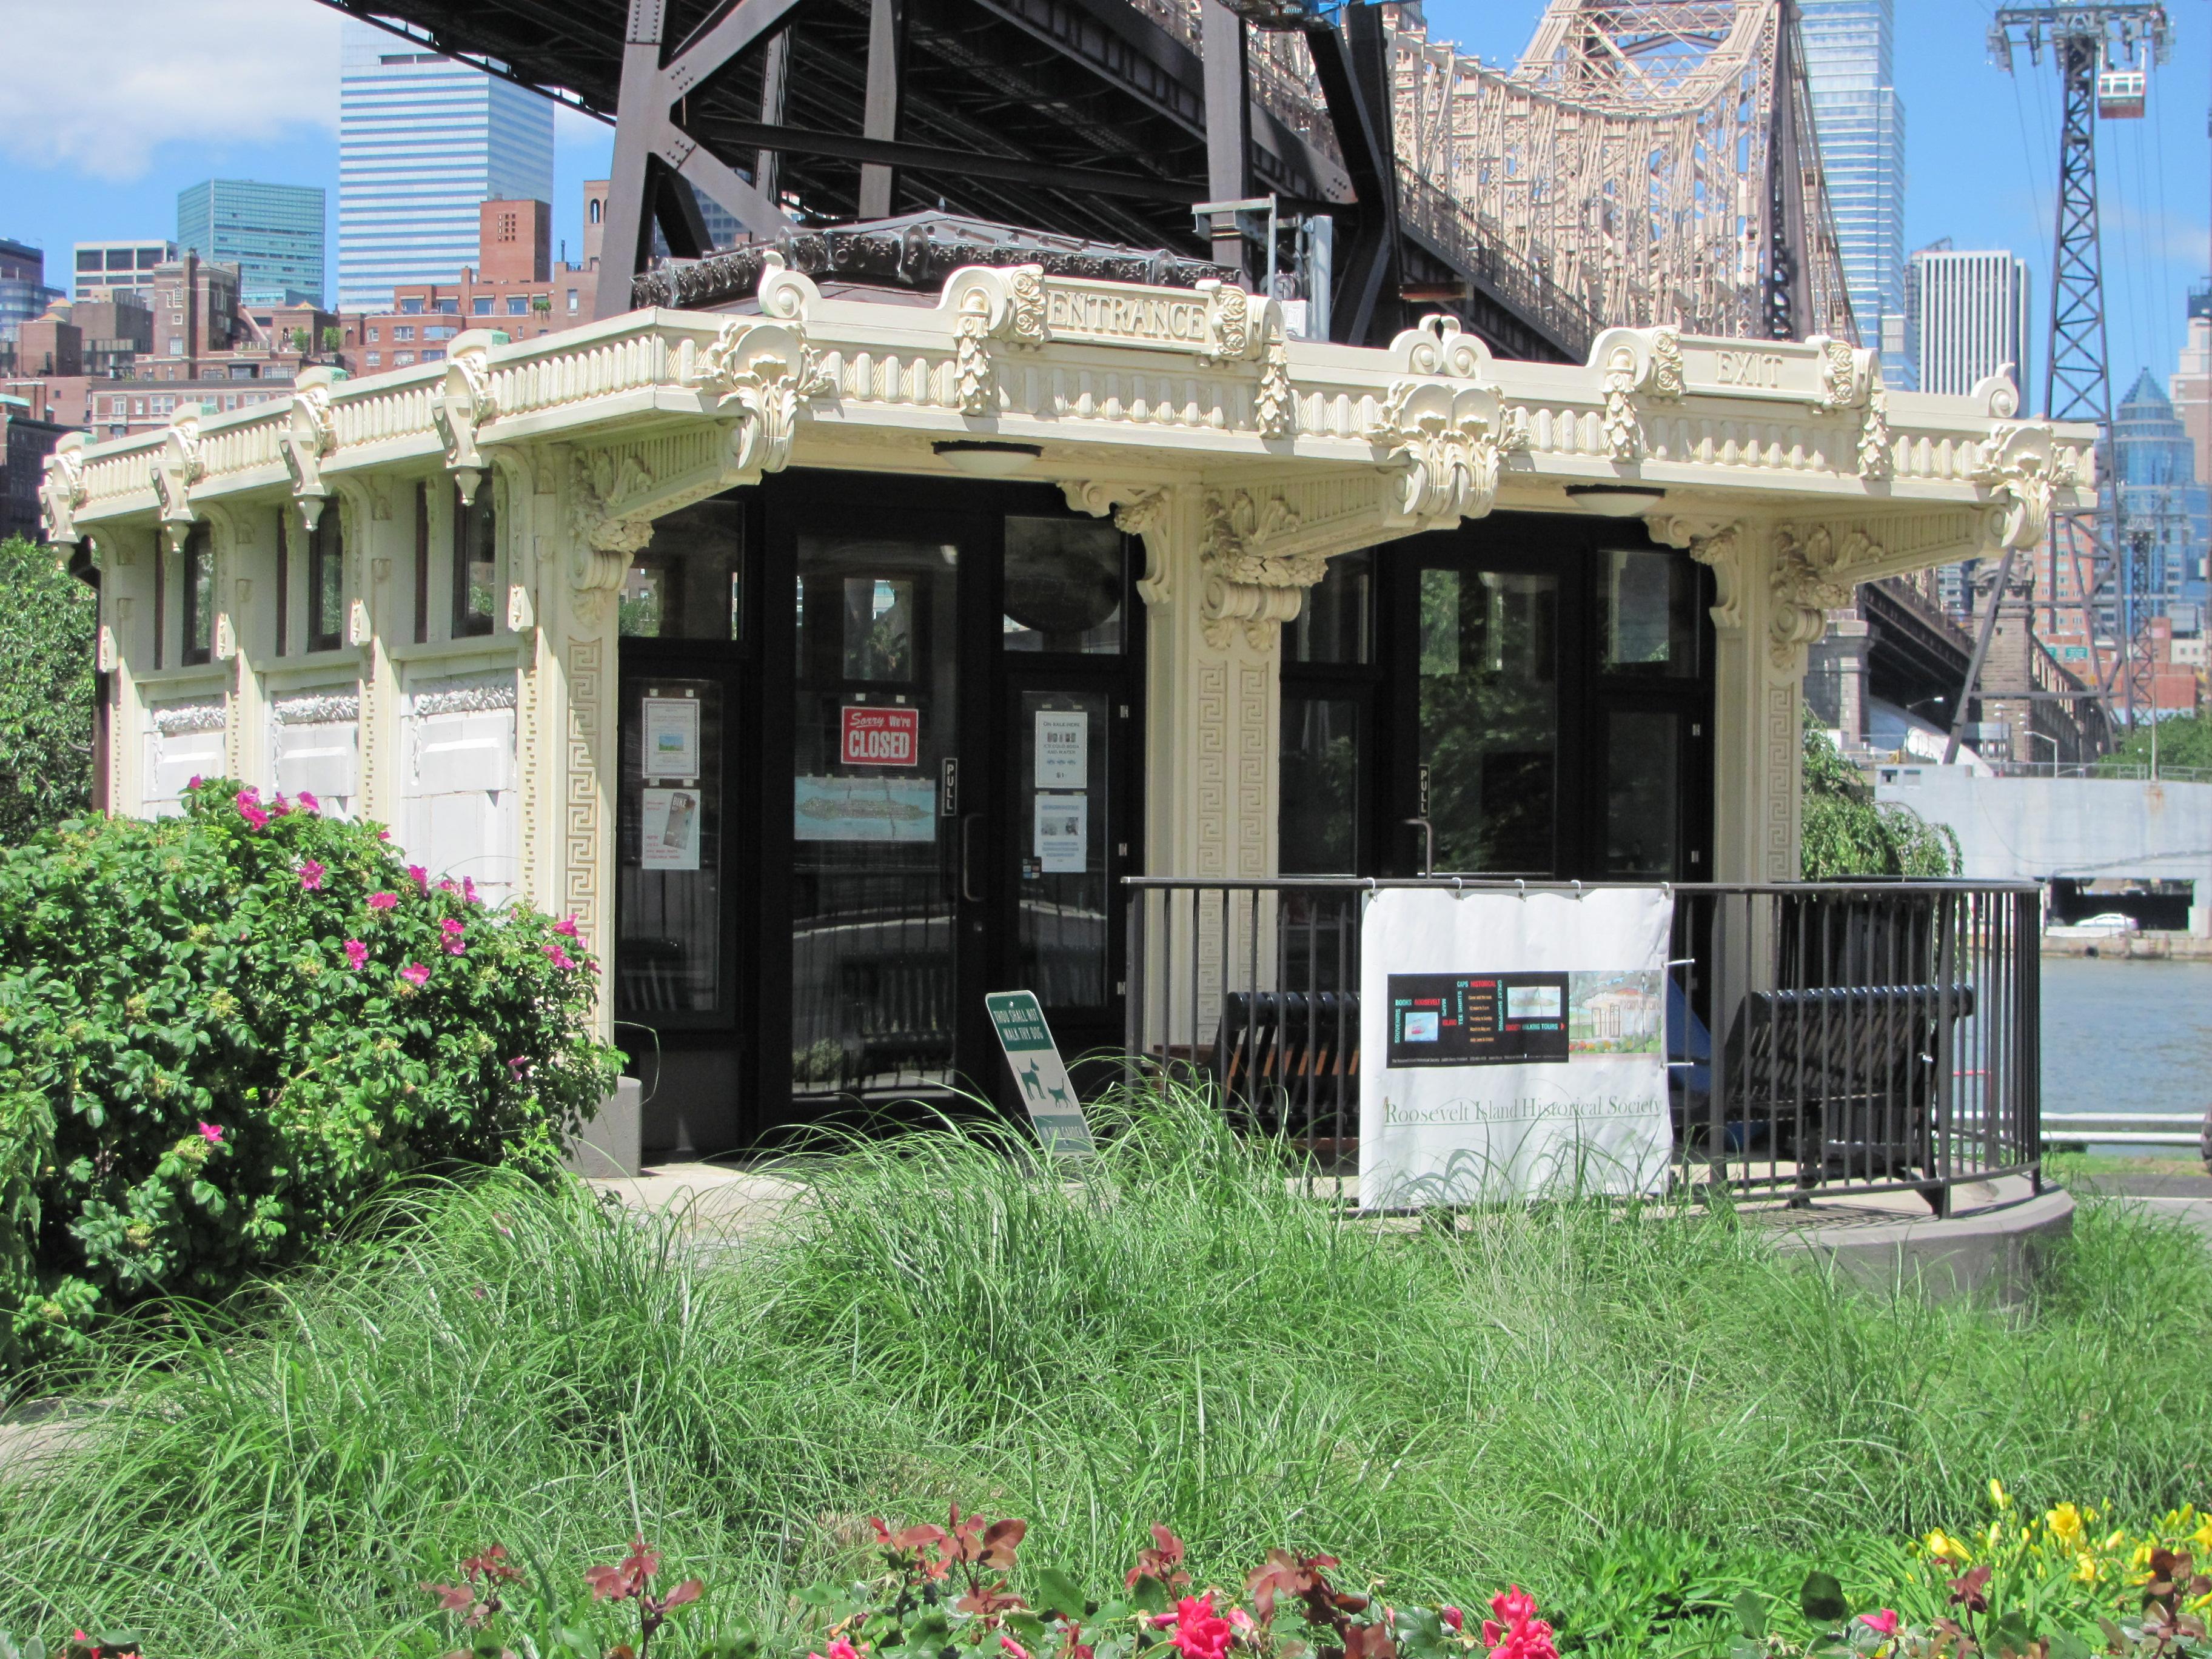 Roosevelt Island Historical Society 187 Visitor Center Kiosk